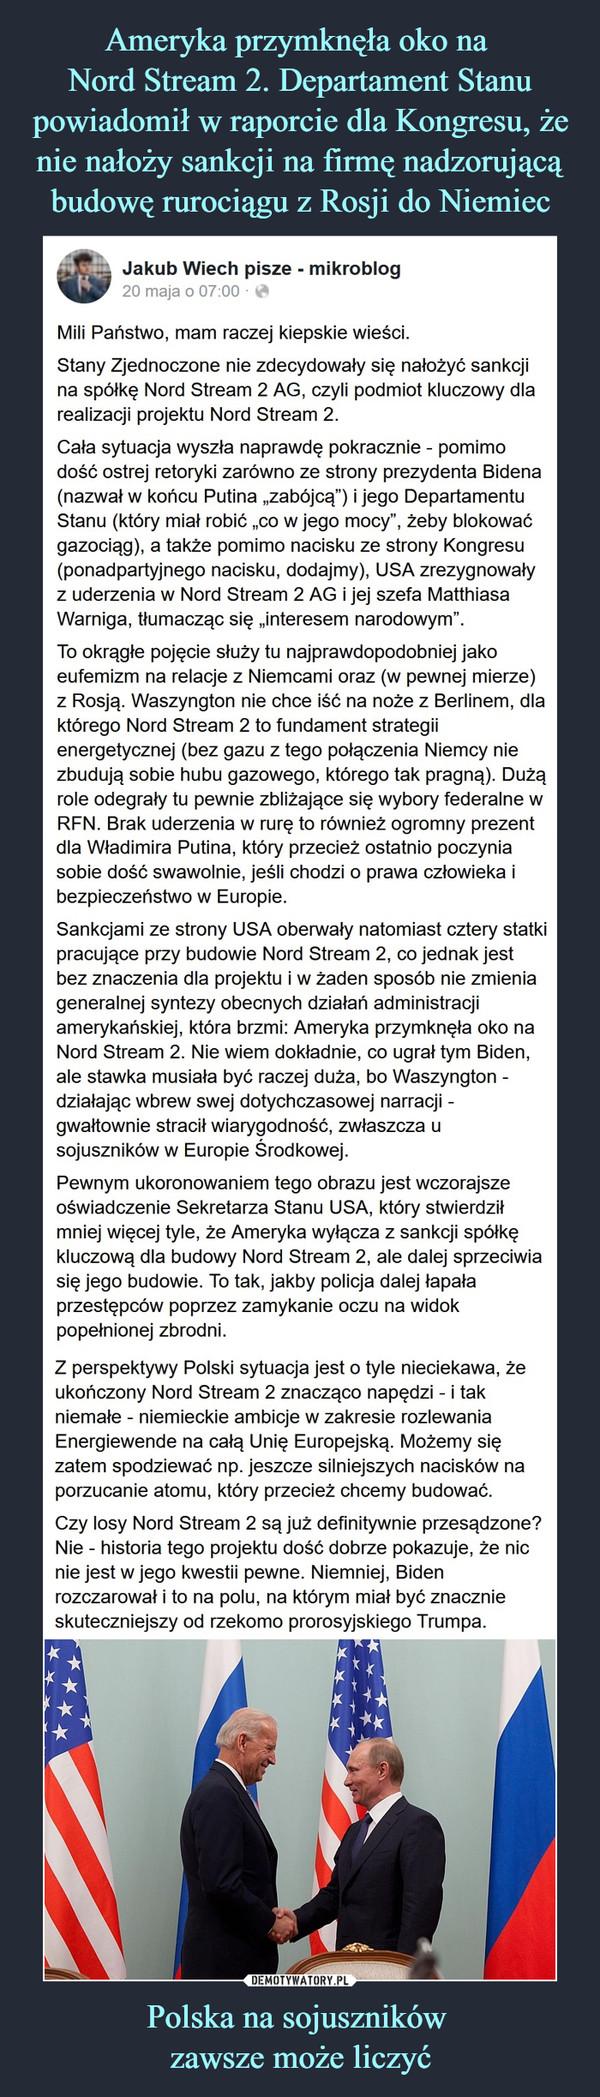 """Polska na sojuszników zawsze może liczyć –  Jakub Wiech pisze - mikroblog20 maja o 00:00 ·Mili Państwo, mam raczej kiepskie wieści.Stany Zjednoczone nie zdecydowały się nałożyć sankcji na spółkę Nord Stream 2 AG, czyli podmiot kluczowy dla realizacji projektu Nord Stream 2.Cała sytuacja wyszła naprawdę pokracznie - pomimo dość ostrej retoryki zarówno ze strony prezydenta Bidena (nazwał w końcu Putina """"zabójcą"""") i jego Departamentu Stanu (który miał robić """"co w jego mocy"""", żeby blokować gazociąg), a także pomimo nacisku ze strony Kongresu (ponadpartyjnego nacisku, dodajmy), USA zrezygnowały z uderzenia w Nord Stream 2 AG i jej szefa Matthiasa Warniga, tłumacząc się """"interesem narodowym"""".To okrągłe pojęcie służy tu najprawdopodobniej jako eufemizm na relacje z Niemcami oraz (w pewnej mierze) z Rosją. Waszyngton nie chce iść na noże z Berlinem, dla którego Nord Stream 2 to fundament strategii energetycznej (bez gazu z tego połączenia Niemcy nie zbudują sobie hubu gazowego, którego tak pragną). Dużą role odegrały tu pewnie zbliżające się wybory federalne w RFN. Brak uderzenia w rurę to również ogromny prezent dla Władimira Putina, który przecież ostatnio poczynia sobie dość swawolnie, jeśli chodzi o prawa człowieka i bezpieczeństwo w Europie.Sankcjami ze strony USA oberwały natomiast cztery statki pracujące przy budowie Nord Stream 2, co jednak jest bez znaczenia dla projektu i w żaden sposób nie zmienia generalnej syntezy obecnych działań administracji amerykańskiej, która brzmi: Ameryka przymknęła oko na Nord Stream 2. Nie wiem dokładnie, co ugrał tym Biden, ale stawka musiała być raczej duża, bo Waszyngton - działając wbrew swej dotychczasowej narracji - gwałtownie stracił wiarygodność, zwłaszcza u sojuszników w Europie Środkowej.Pewnym ukoronowaniem tego obrazu jest wczorajsze oświadczenie Sekretarza Stanu USA, który stwierdził mniej więcej tyle, że Ameryka wyłącza z sankcji spółkę kluczową dla budowy Nord Stream 2, ale dalej sprzeciwia się jego budowie. To tak, jak"""